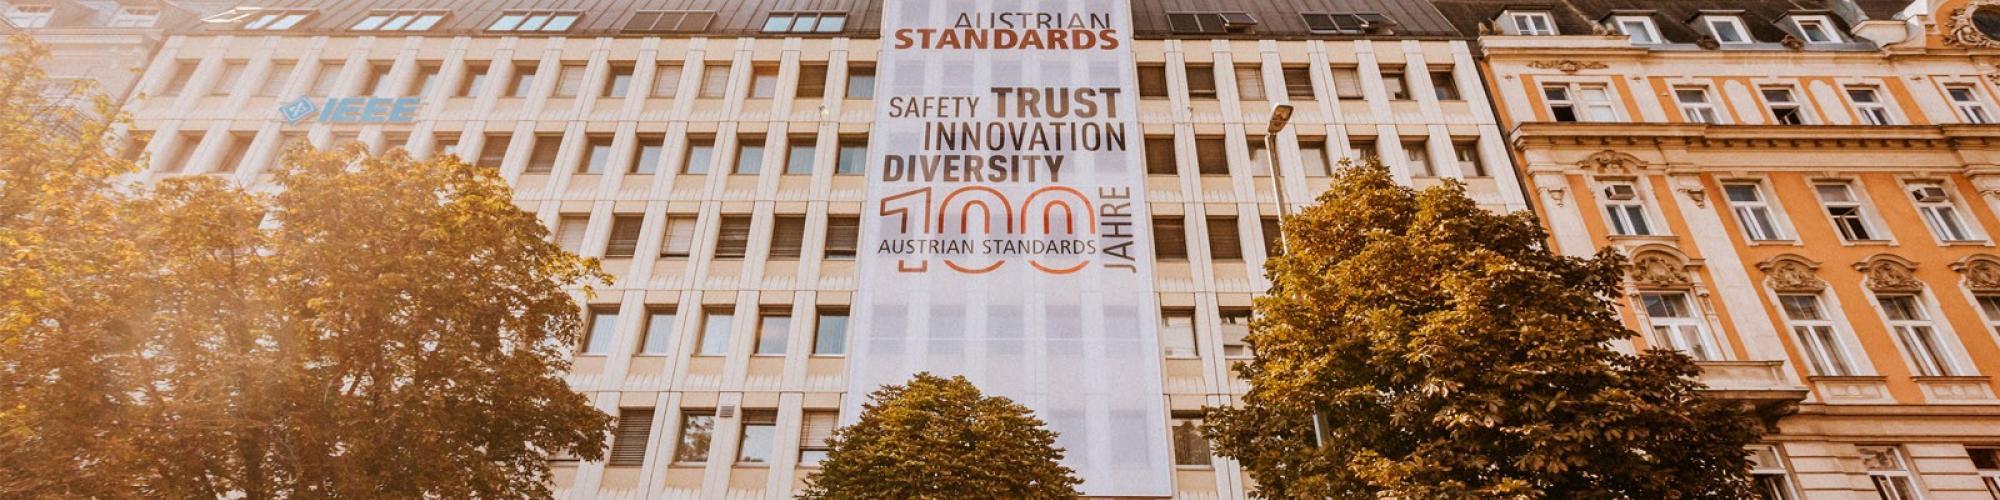 Austrian Standards International